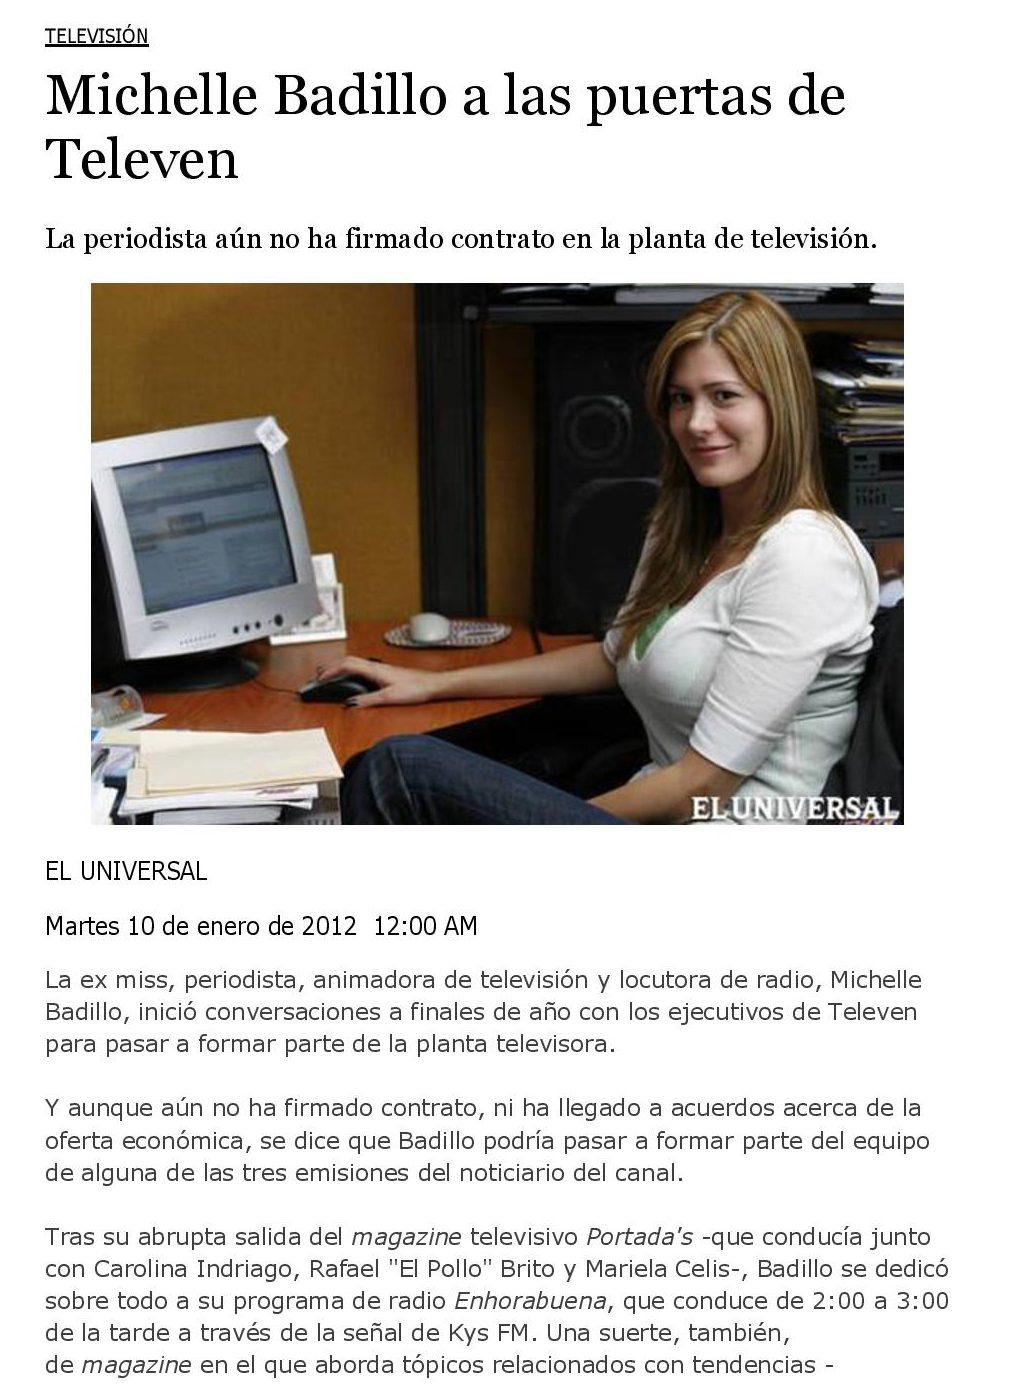 Michelle Badillo a las puertas de Televen - www.michellebadillo.com